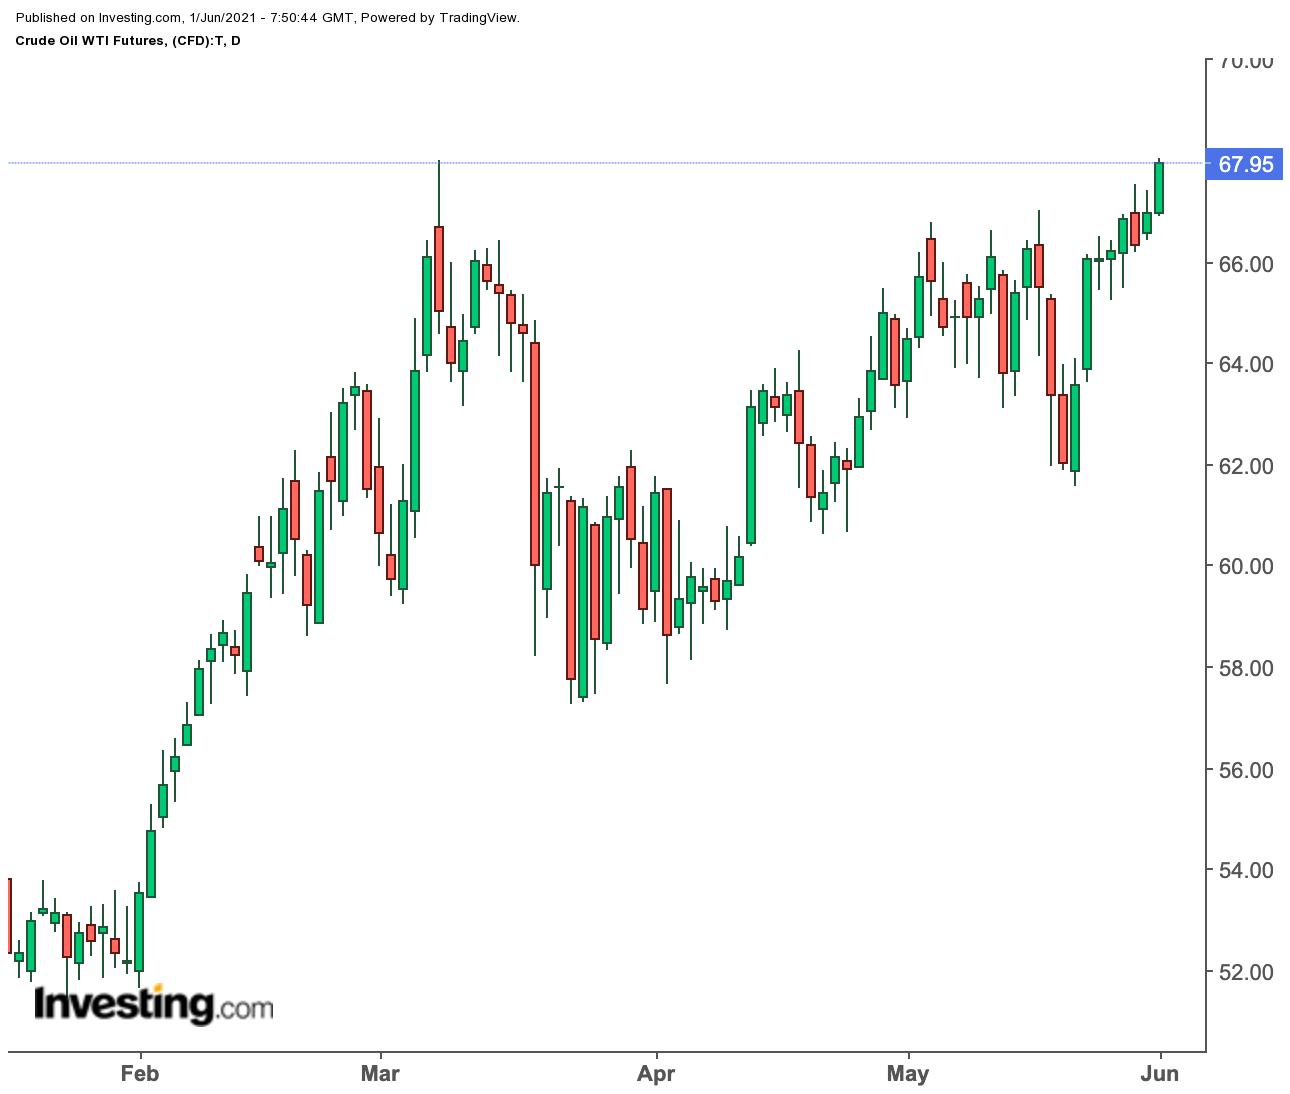 Прогноз недели: нефть рассчитывает на летний спрос, золото рвется выше $1900